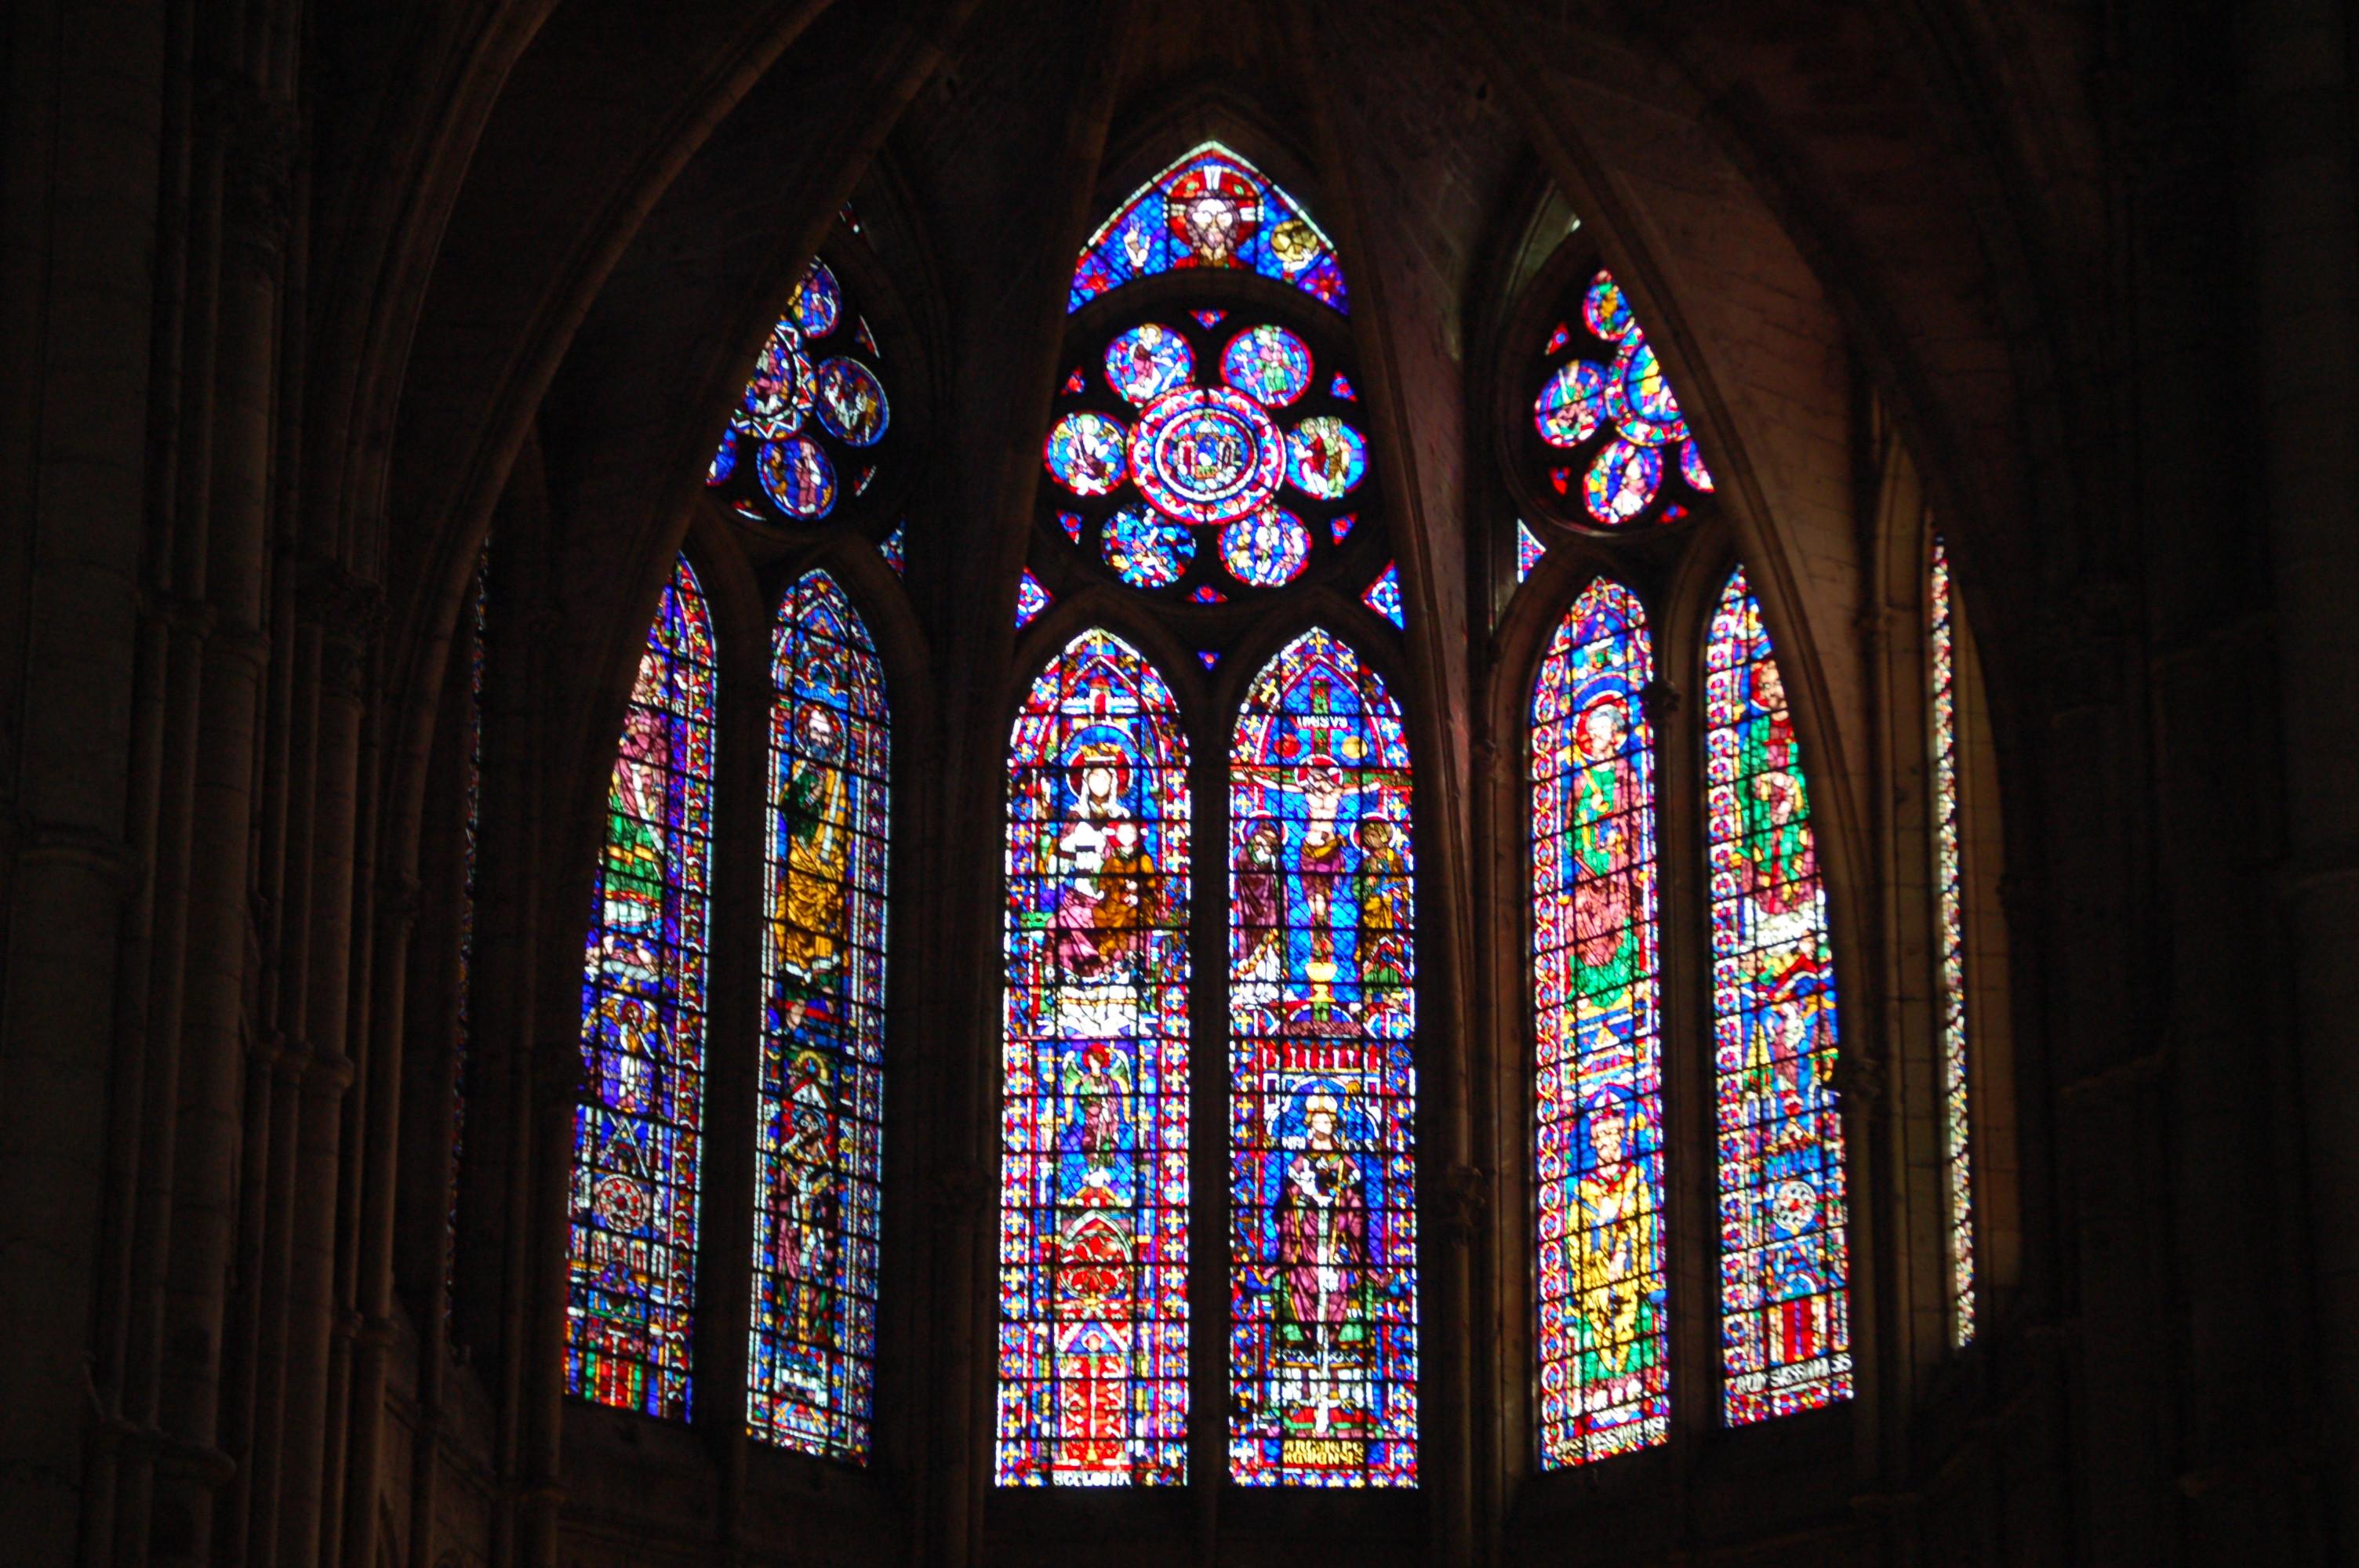 Vytrážové okna katedrály v Remeši.JPG